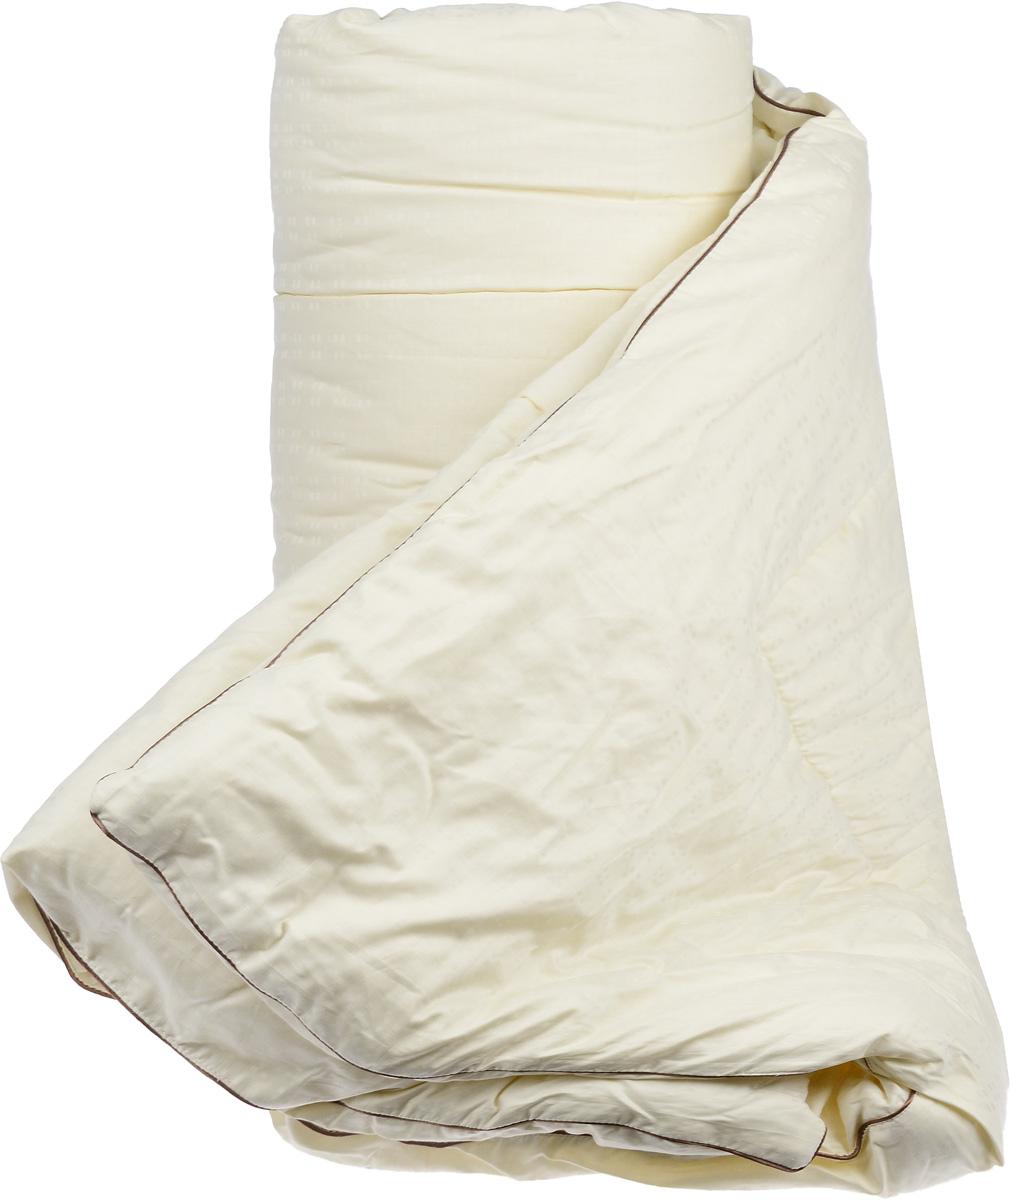 Одеяло теплое Легкие сны Милана, наполнитель: шерсть кашмирской козы, 200 х 220 см96281496Теплое одеяло Легкие сны Милана с наполнителем из шерсти кашмирской козы расслабит, снимет усталость и подарит вам спокойный и здоровый сон. Пух горной козы не содержит органических жиров, в нем не заводятся пылевые клещи, вызывающие аллергические реакции. Он очень легкий и обладает отличной теплоемкостью. Одеяла из такого наполнителя имеют широкий диапазон климатической комфортности и благоприятно влияют на самочувствие людей, страдающих заболеваниями опорно-двигательной системы.Шерстяные волокна, получаемые из чесаной шерсти горной козы, имеют полую структуру, придающую изделиям высокую износоустойчивость.Чехол одеяла, выполненный из сатина (100% хлопка), отлично пропускает воздух, создавая эффект сухого тепла.Одеяло простегано и окантовано. Стежка надежно удерживает наполнитель внутри и не позволяет ему скатываться. Плотность наполнителя: 300 г/м2.